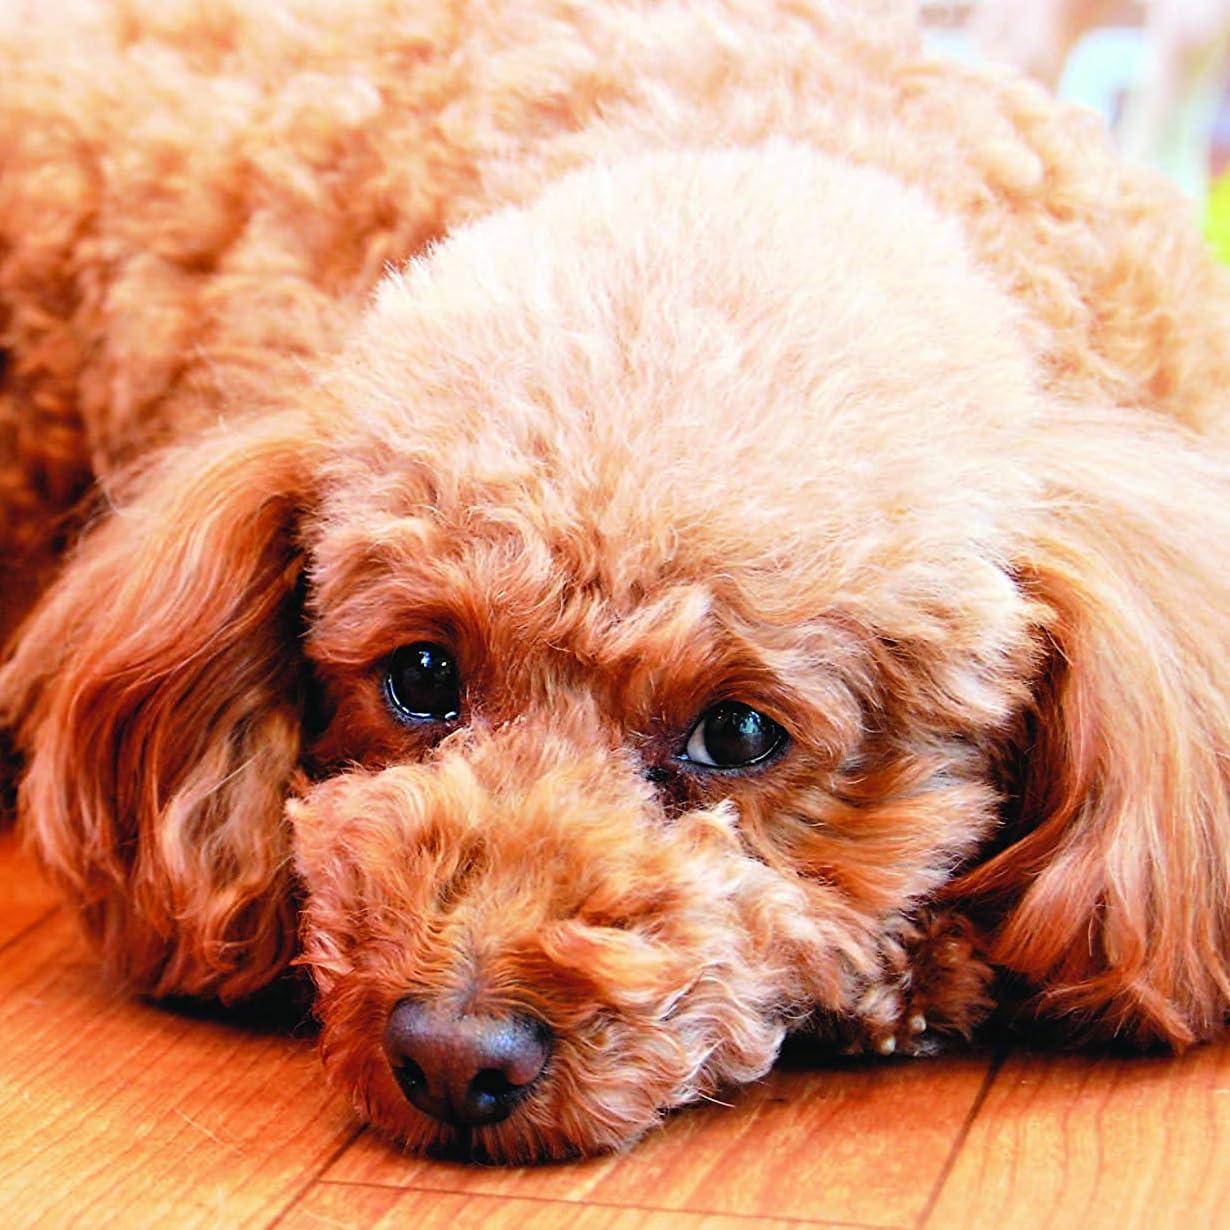 犬 Ipad壁紙 トイプードル 令和動物カレンダー その他 スマホ用画像100922